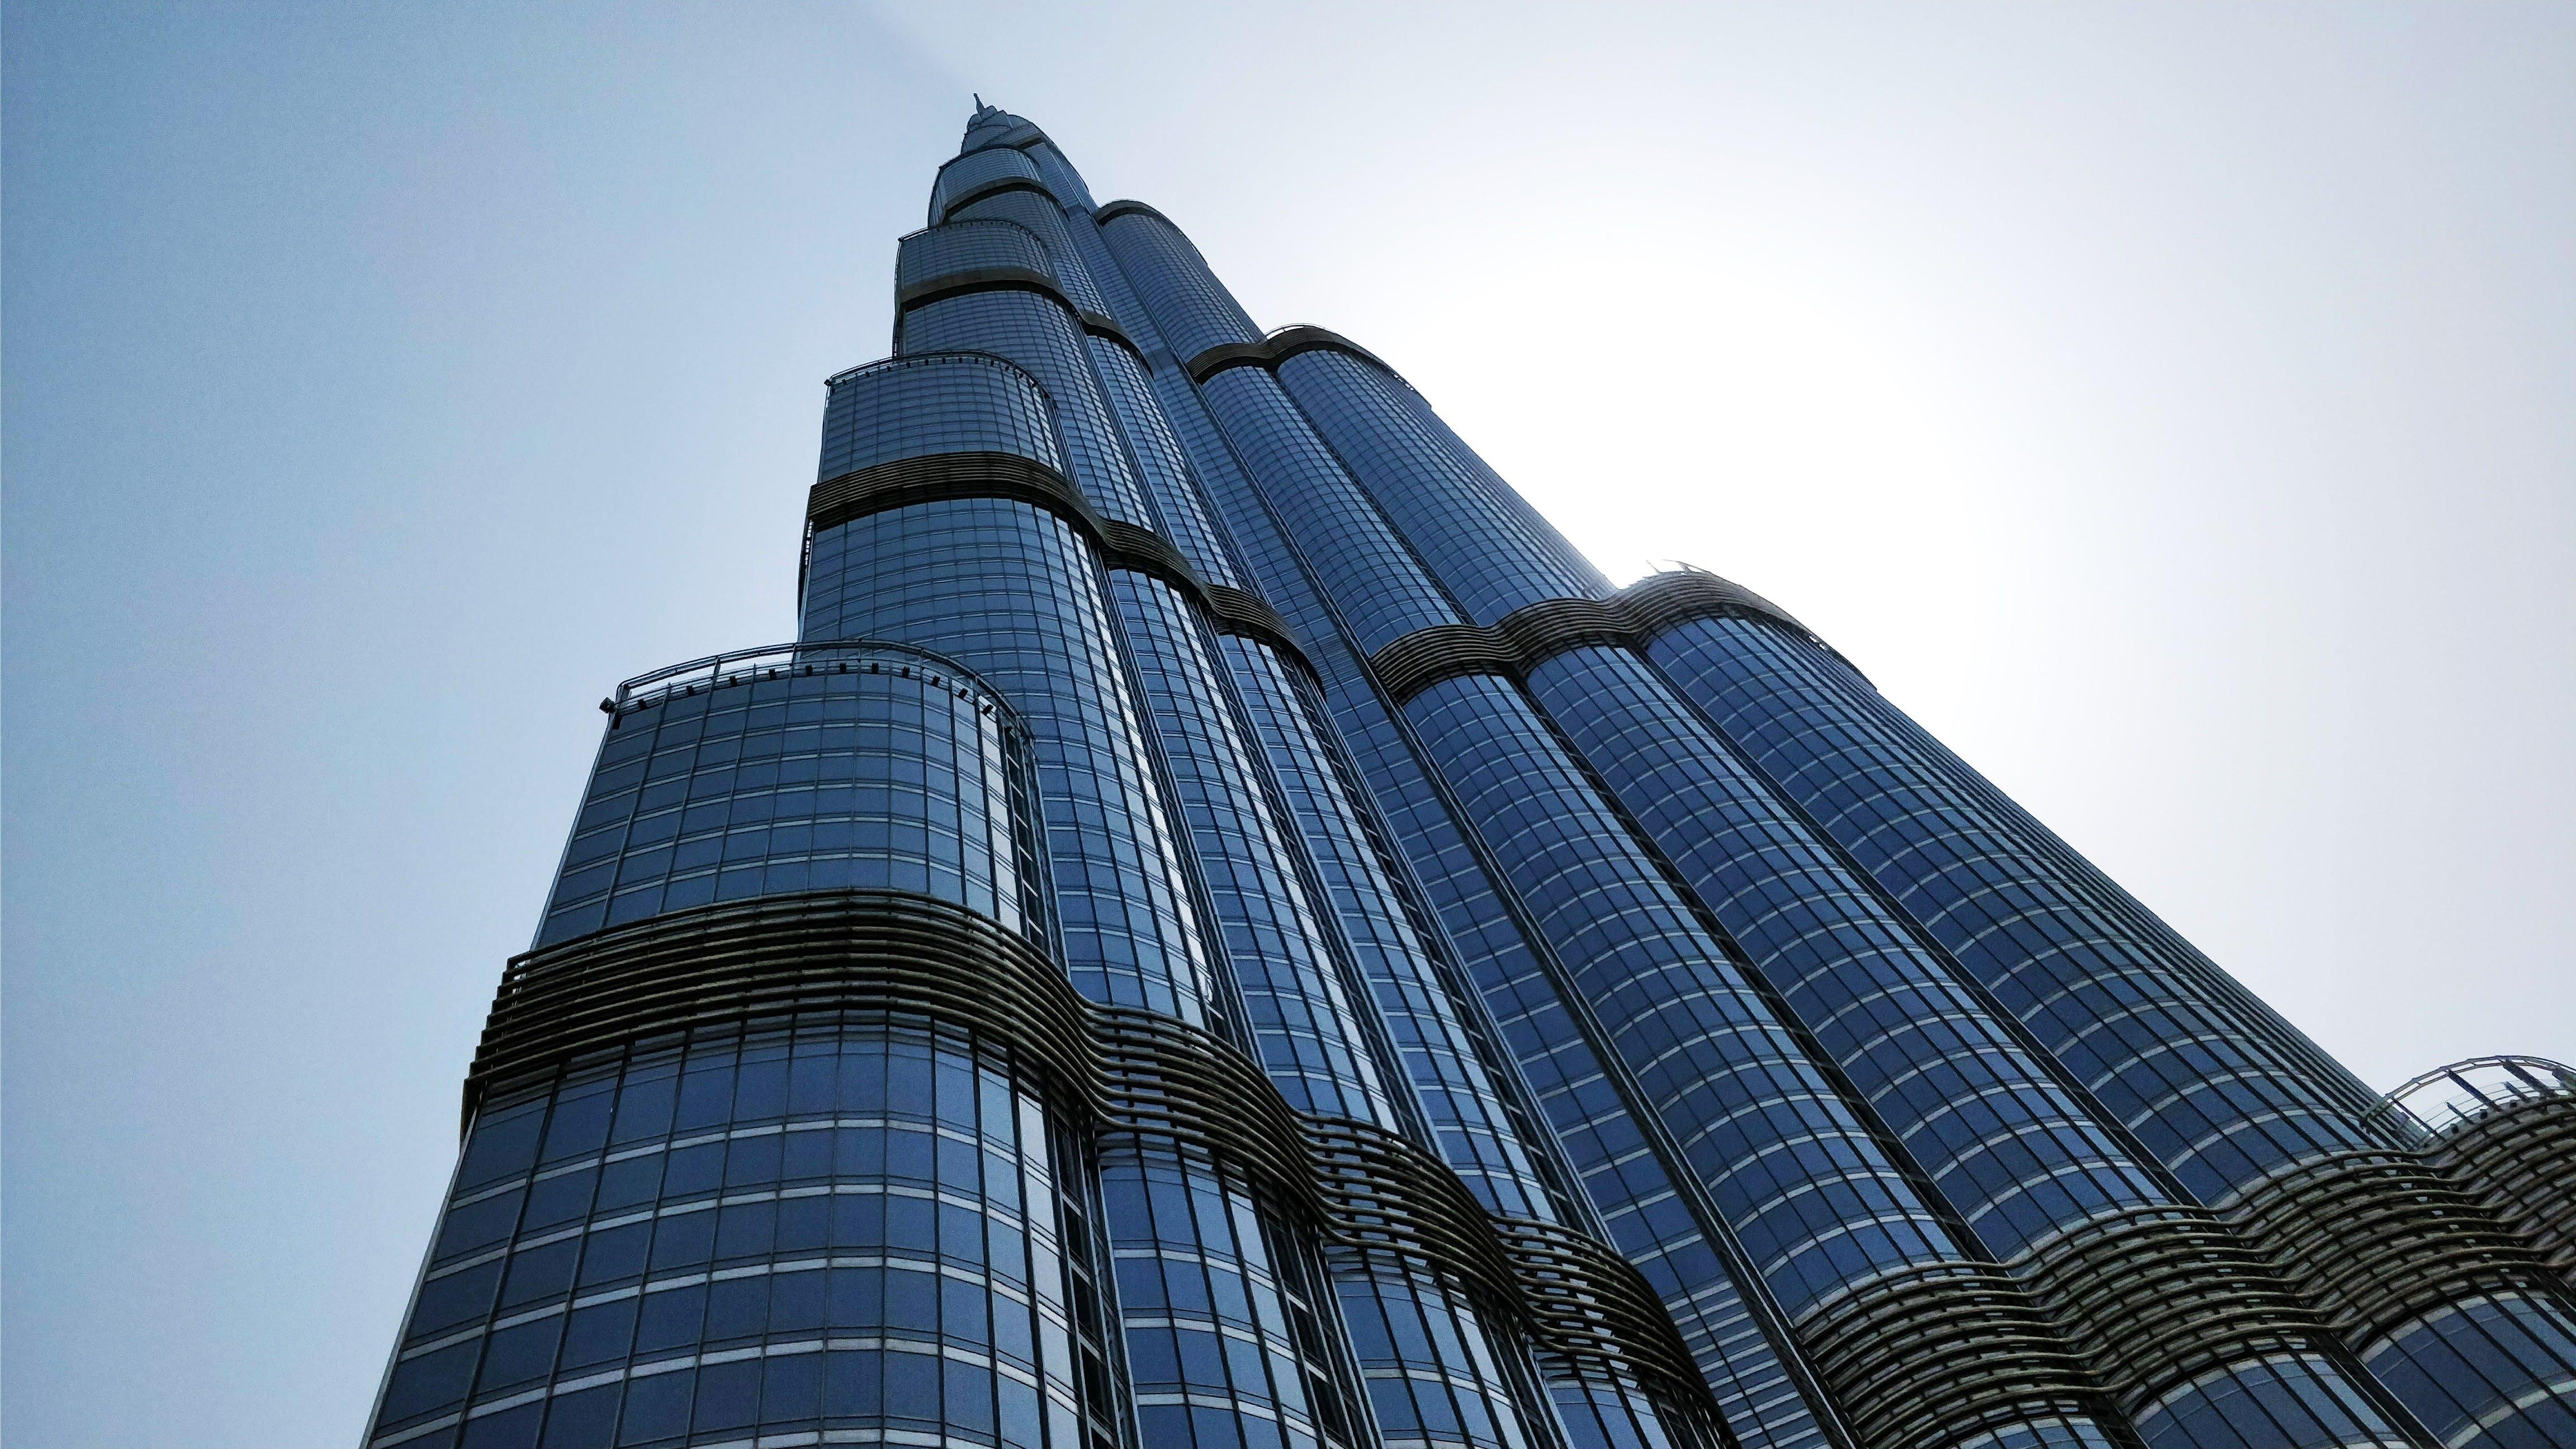 Free stock photo of blue sky, building, burj khalifa, dubai